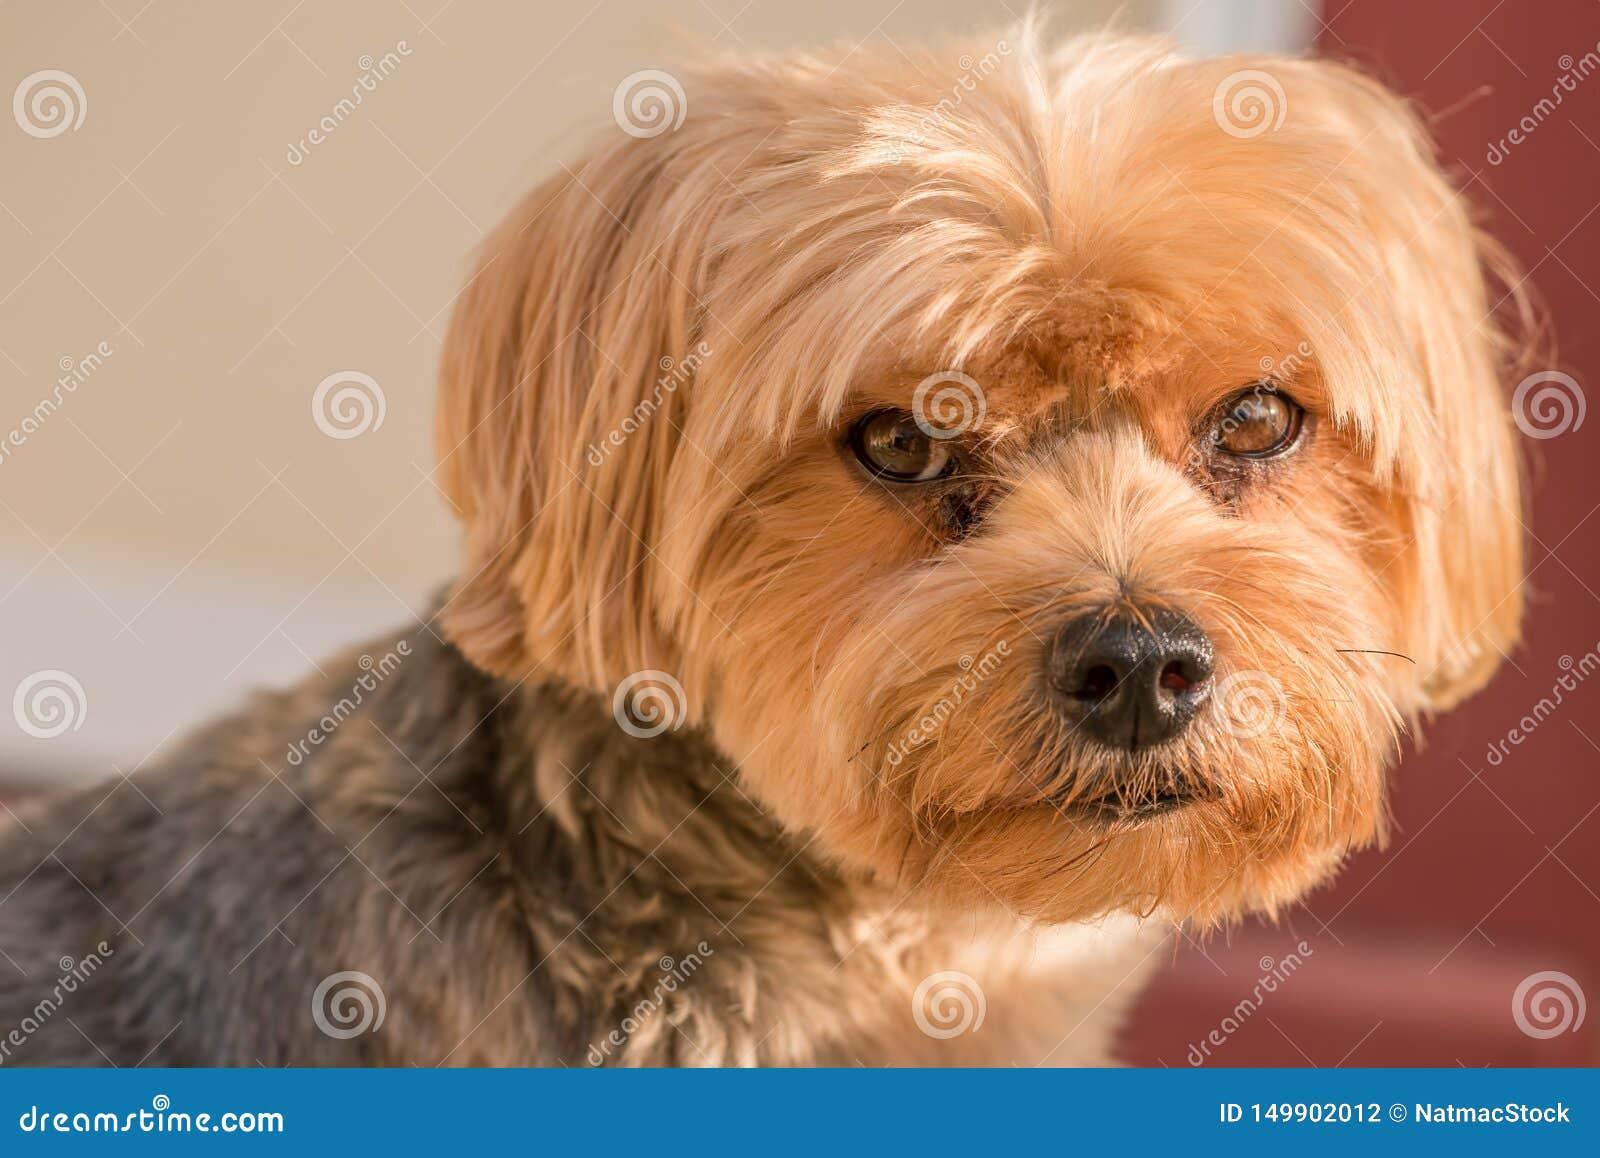 Yorkshire-Terrierporträt - reine Zucht - große Einzelperson